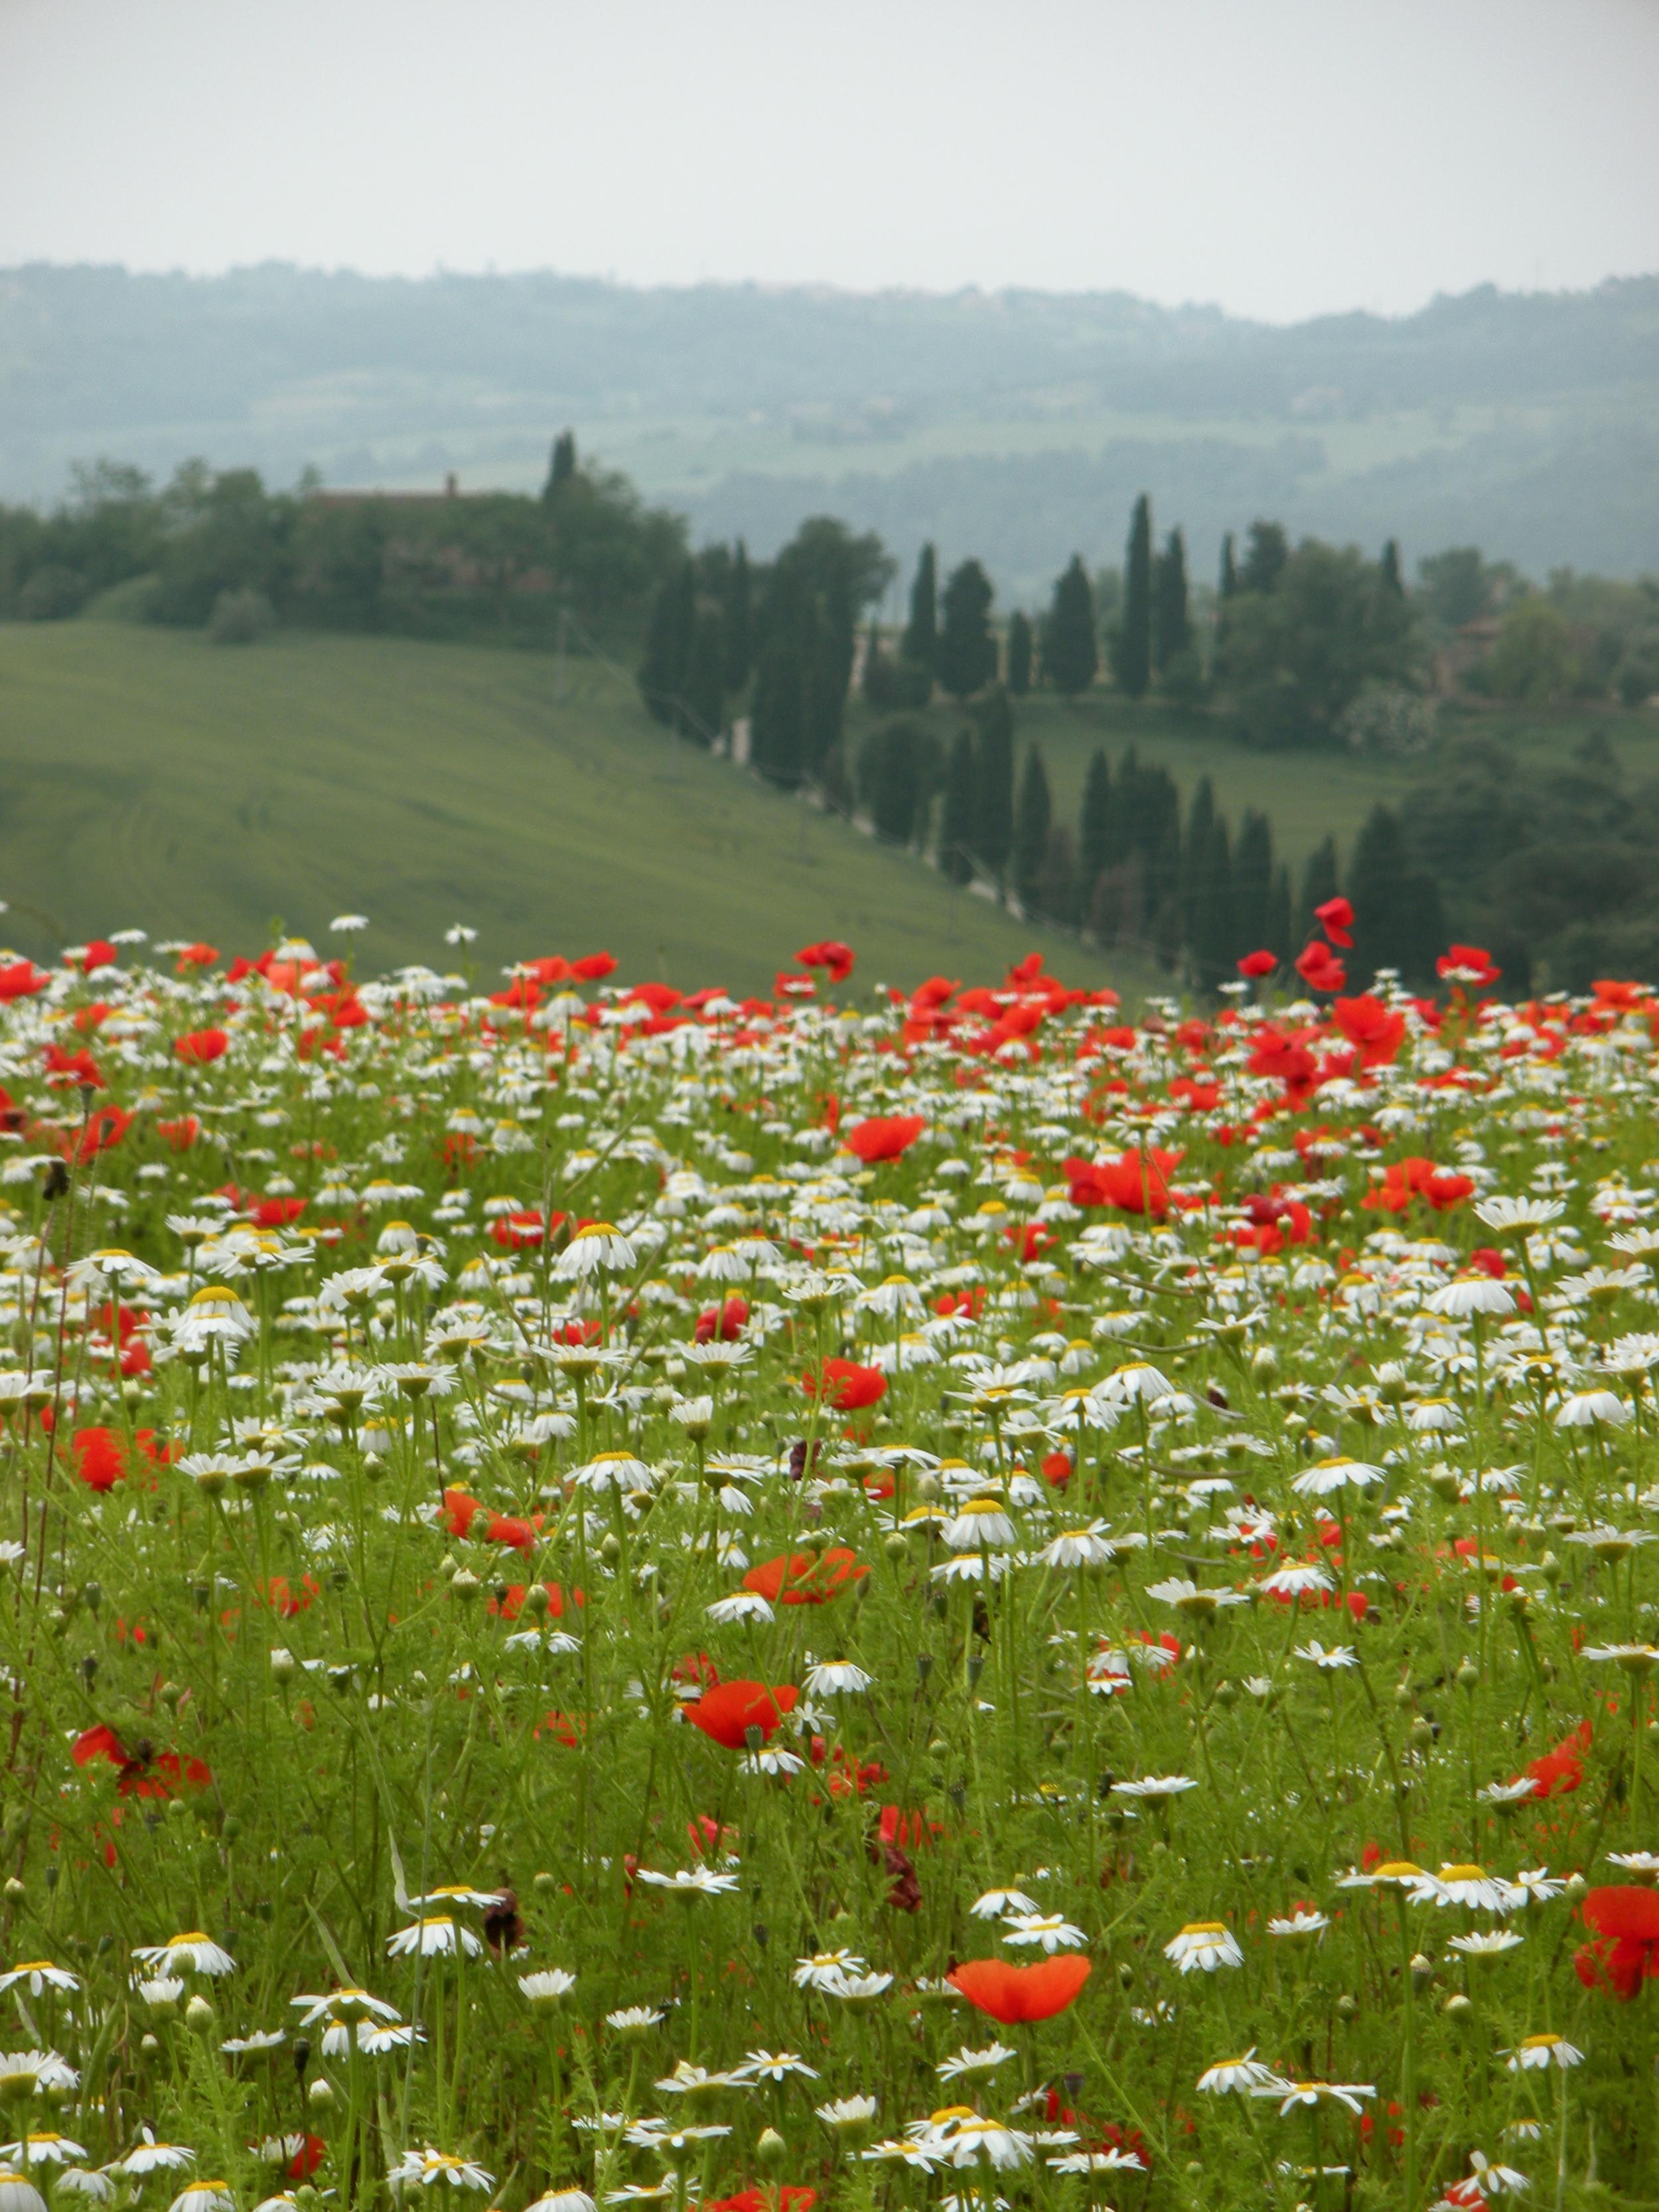 Brilliant red poppies EAT.PRAY.MOVE Yoga Retreats | Tuscany, Italy